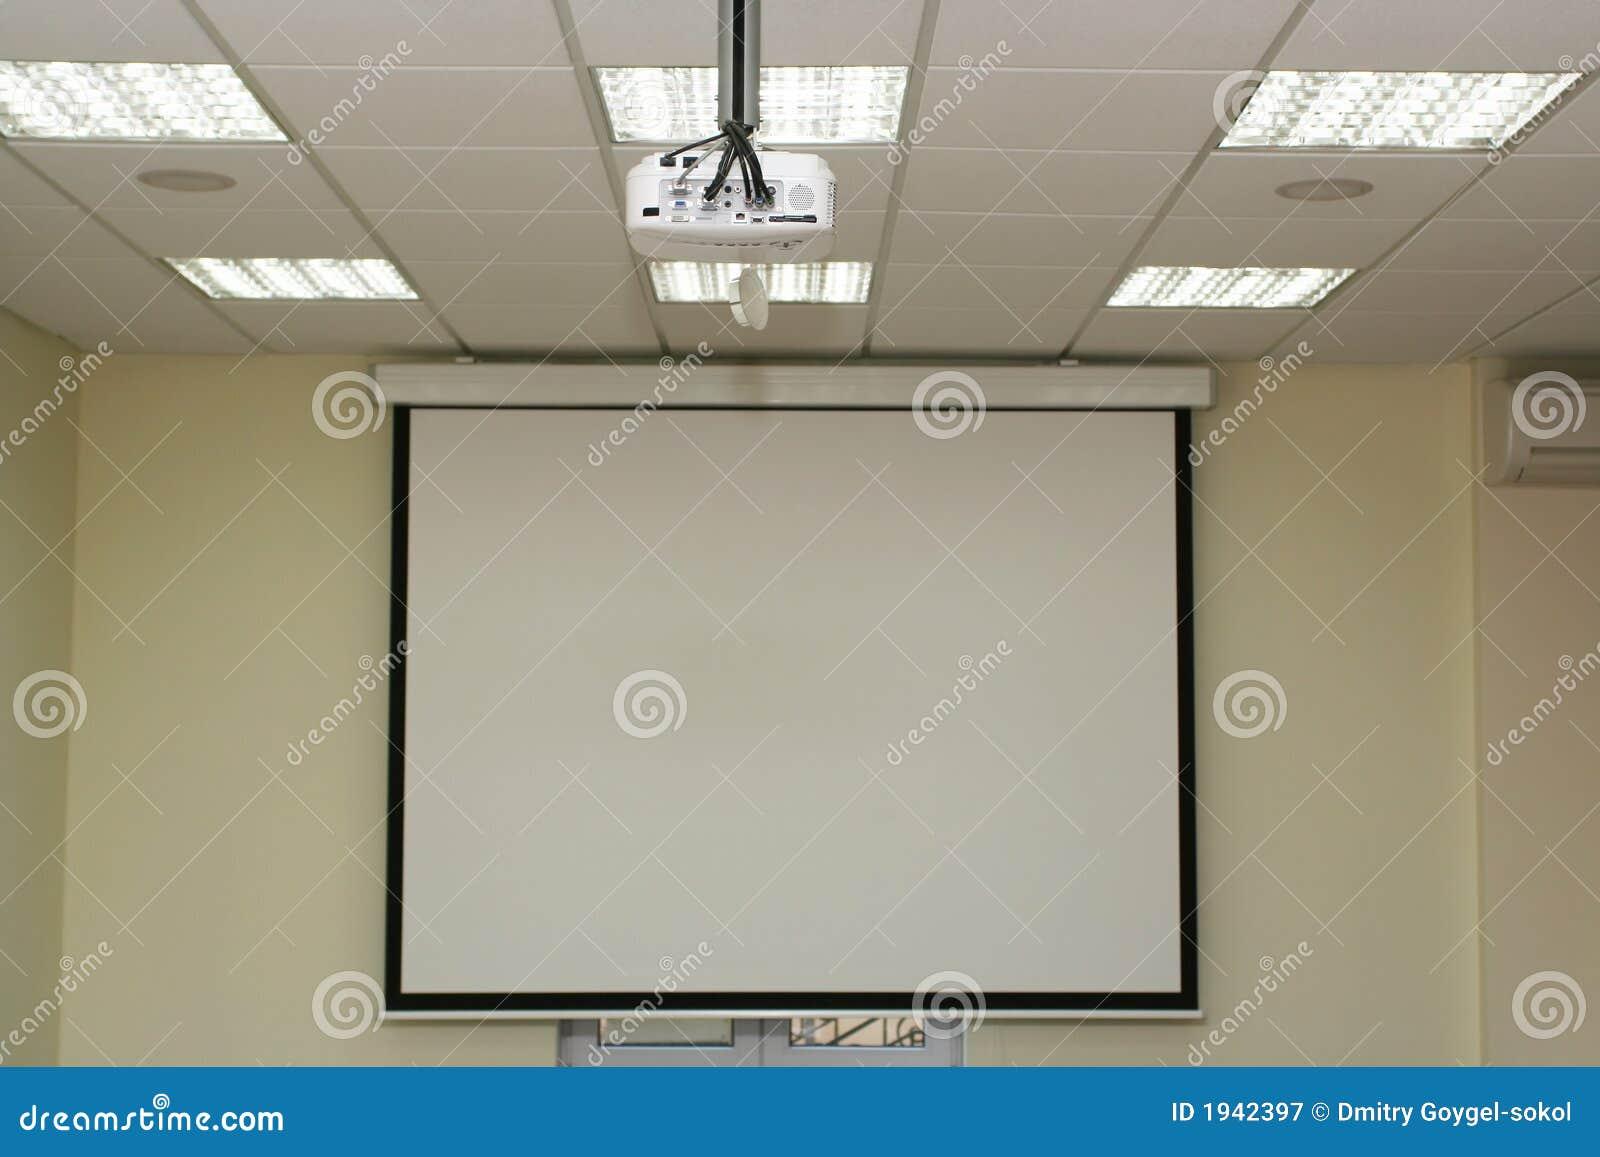 экран репроектора надземной проекции комнаты правления